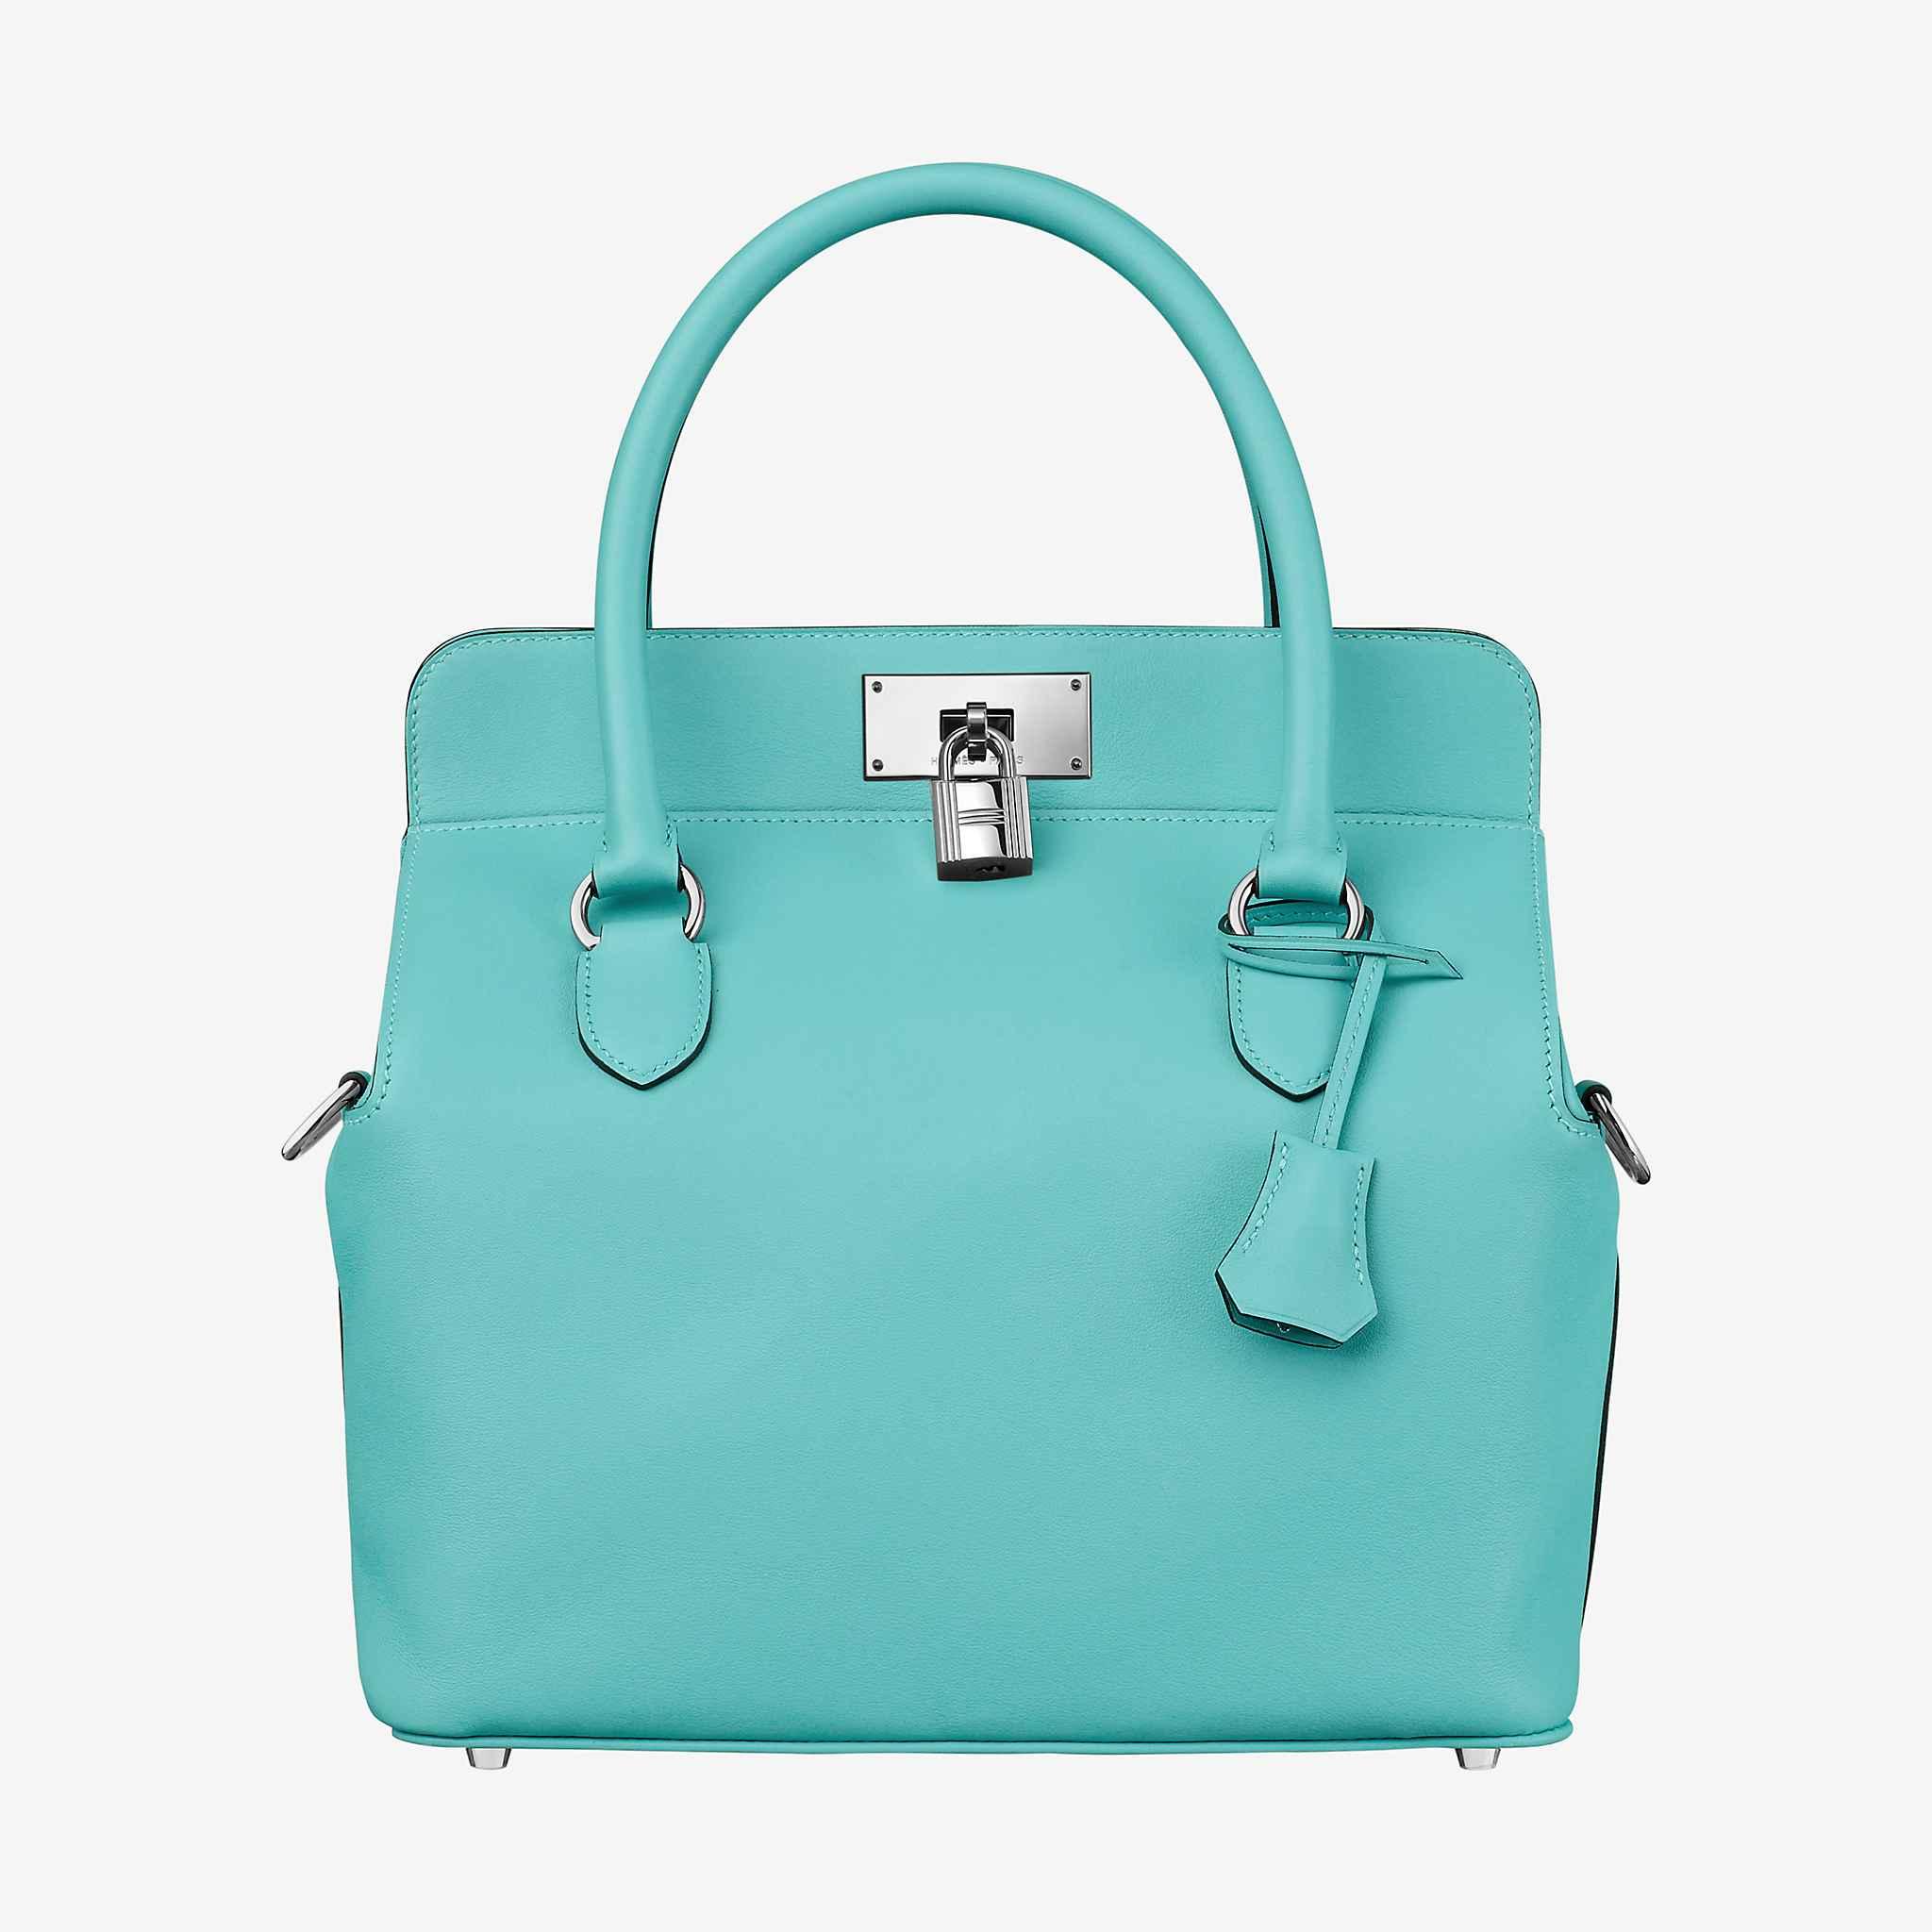 toolbox26-bag-medium-model--062209CK3P-front-1-300-0-2048-2048-q40